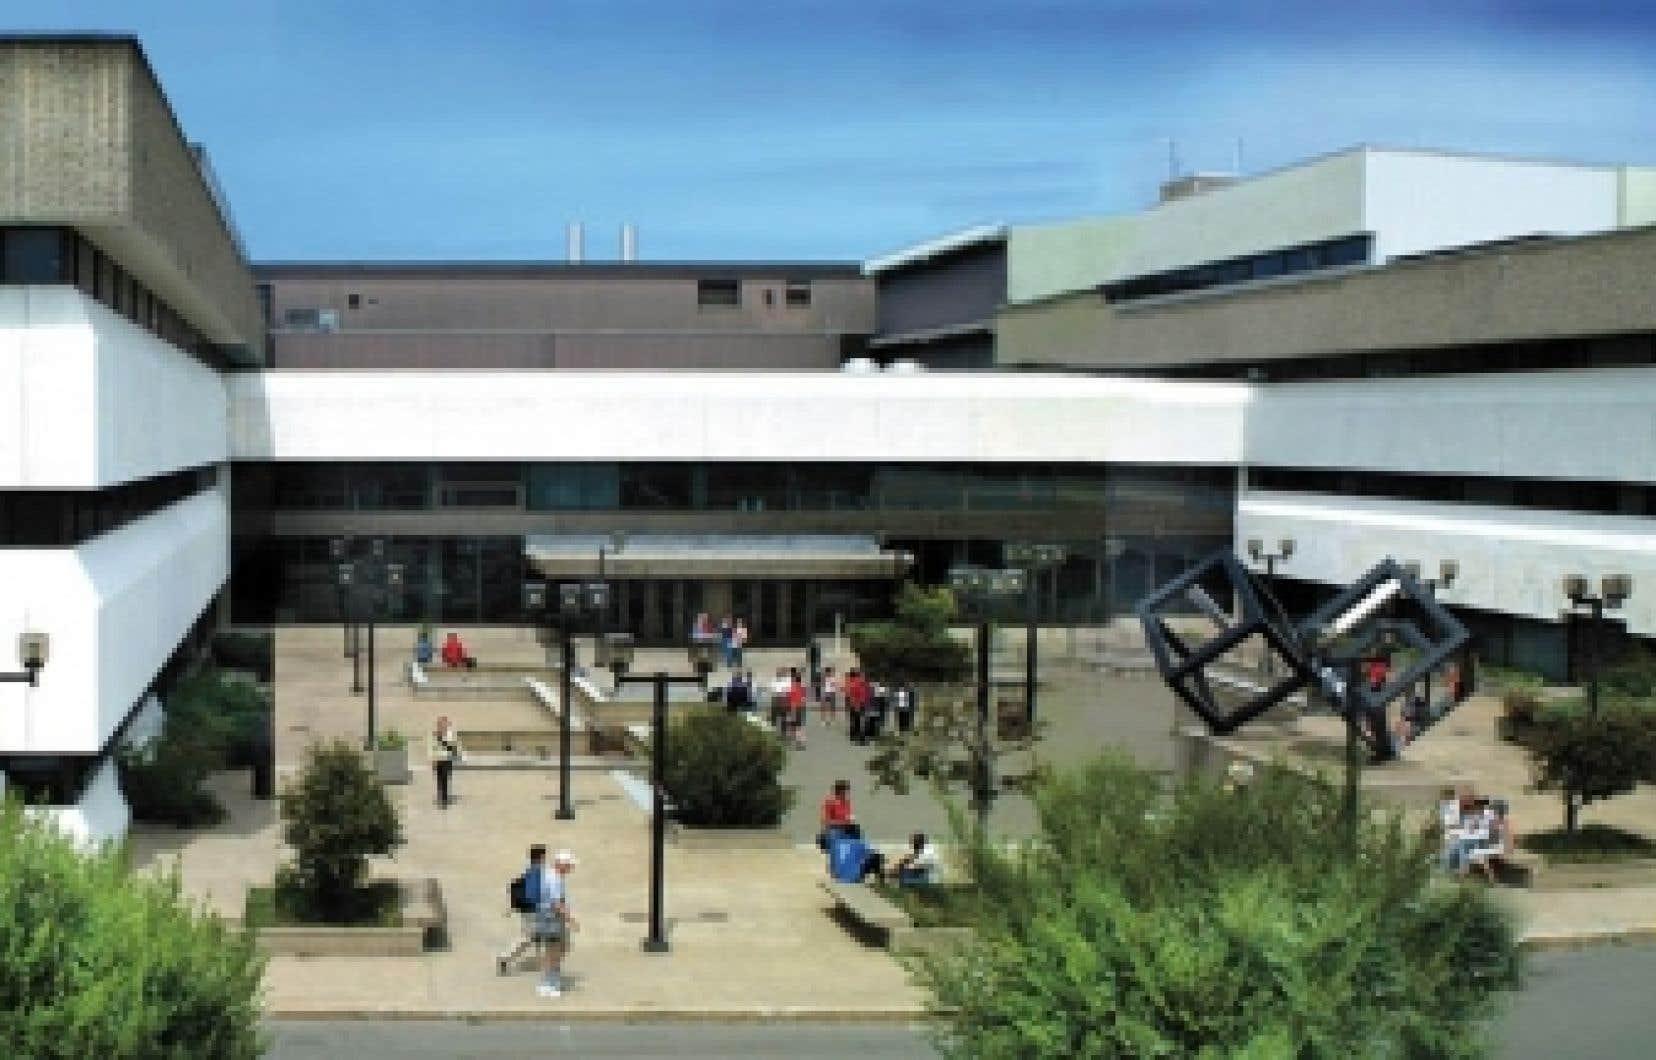 Photo Centre Ville D Amerique Du Nord